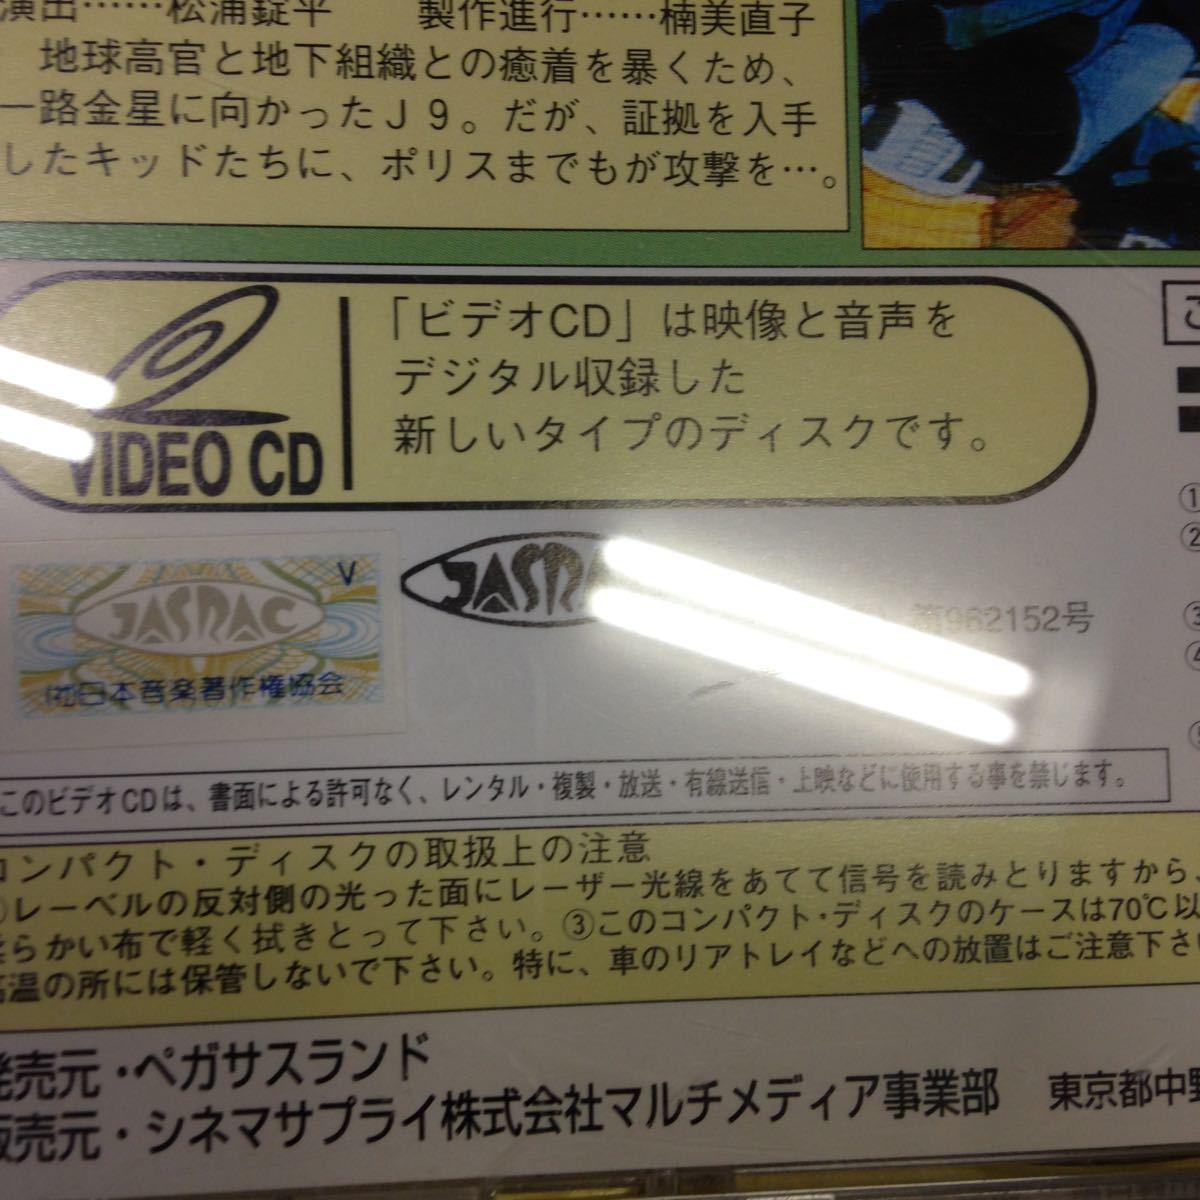 銀河旋風 ブライガー VIDEO CD 1~13_画像6